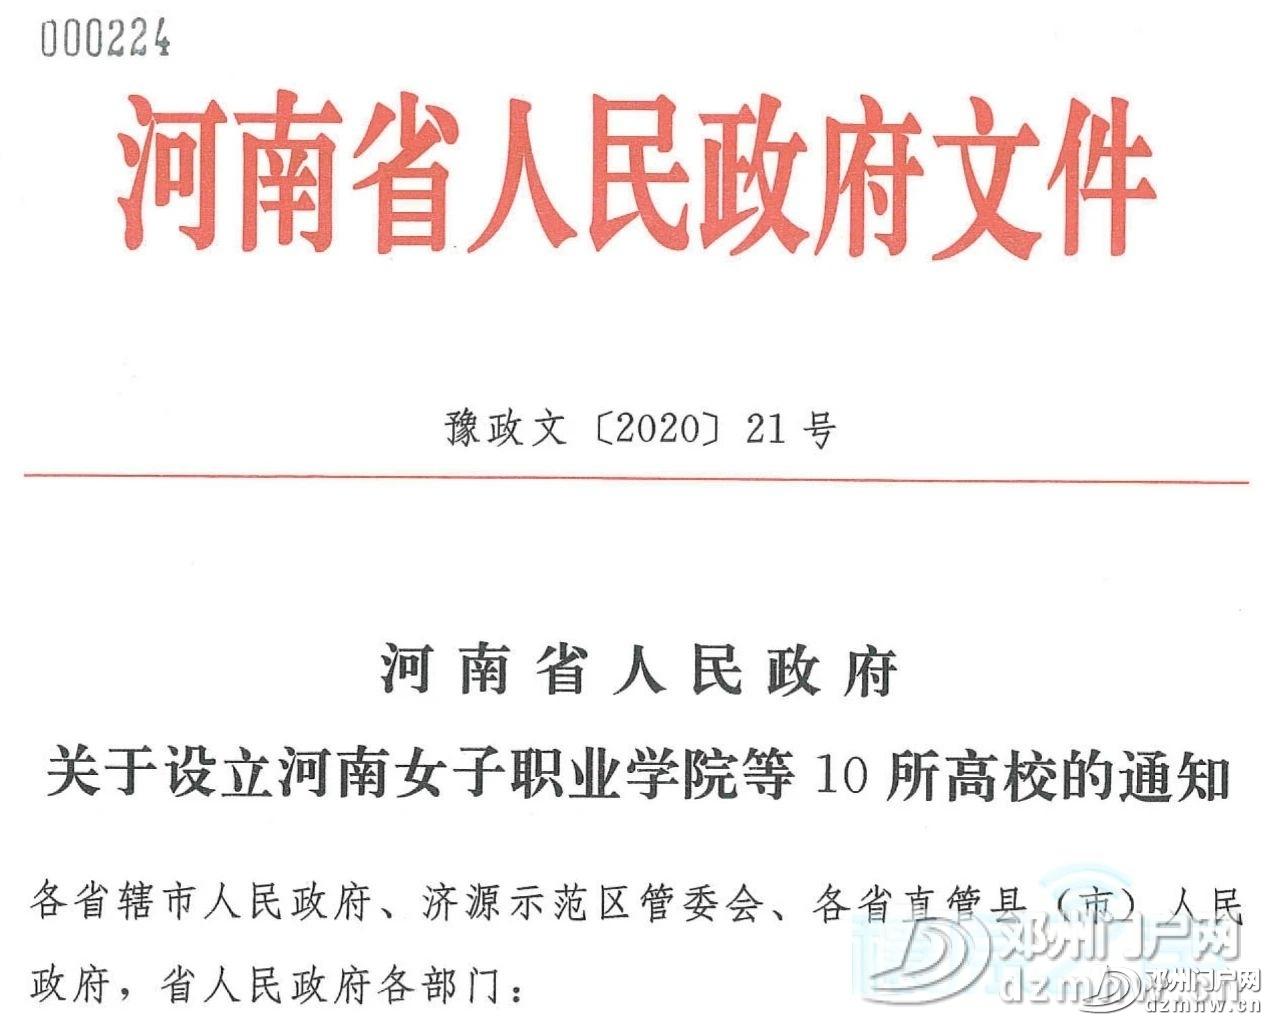 重磅!邓州首所大学正式获批,以南阳管理为主!!! - 邓州门户网|邓州网 - c71c62d24800e8f7b235f5acacc34aca.jpg